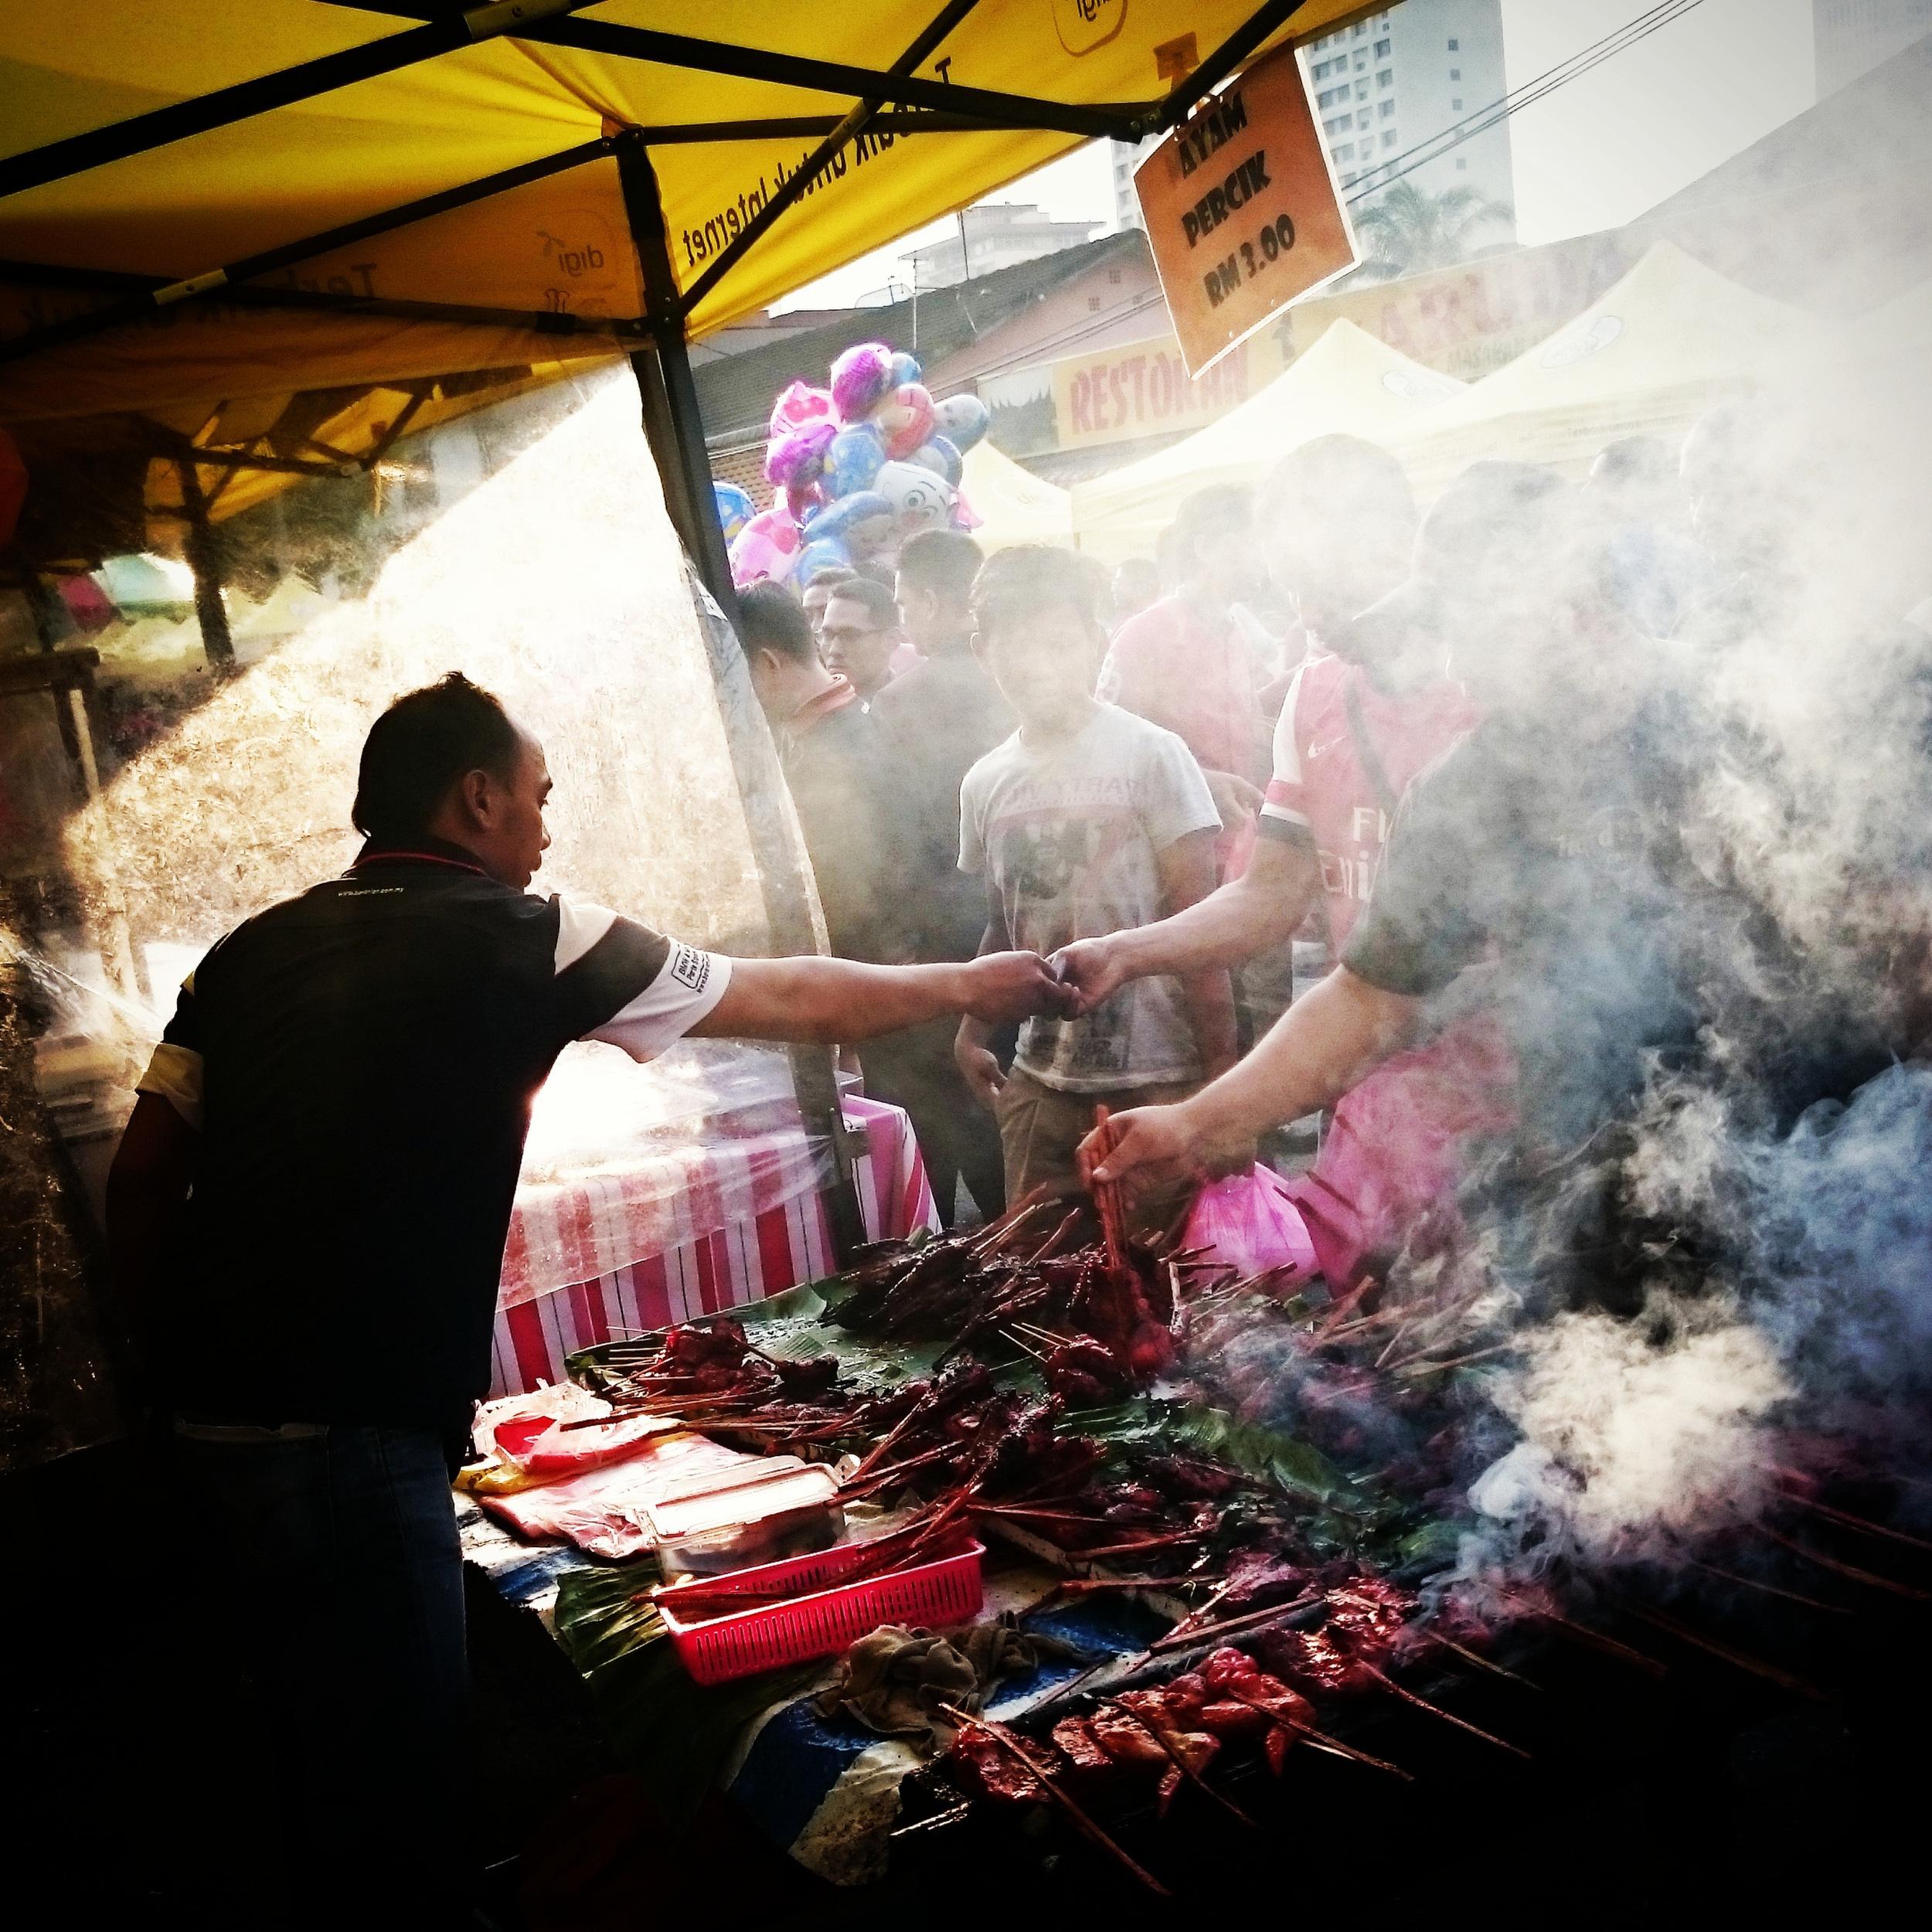 Malaysian Muslims buy food to break their fast during Ramadan in Kuala Lumpur, Malaysia. (Zulfadhli Zaki)